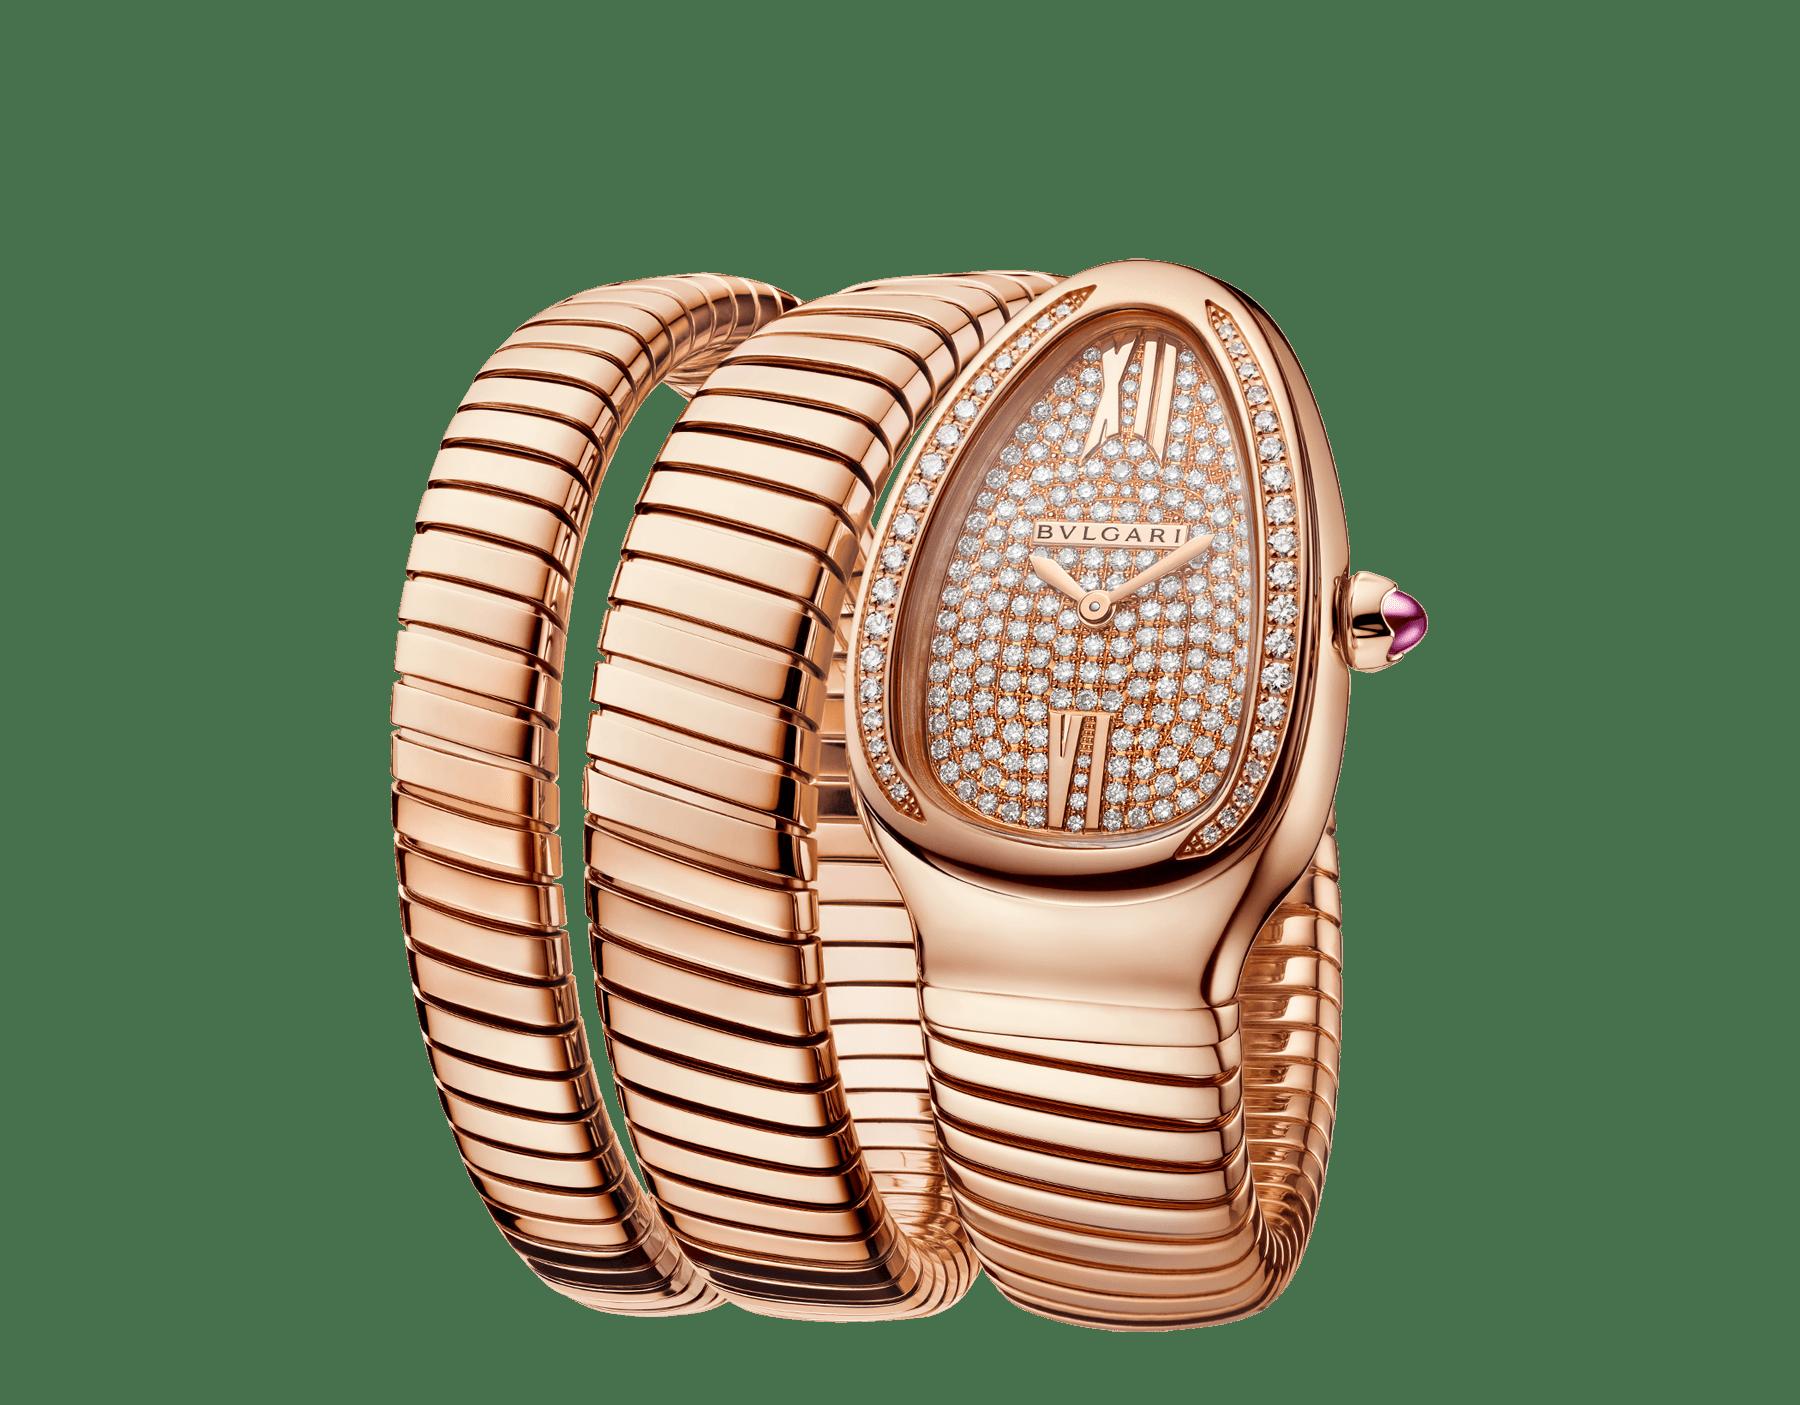 Reloj Serpenti Tubogas de dos vueltas con caja en oro rosa de 18qt con diamantes talla brillante engastados, esfera en oro rosa de 18qt con engaste integral de diamantes talla brillante y brazalete en oro rosa de 18qt. 101956 image 2